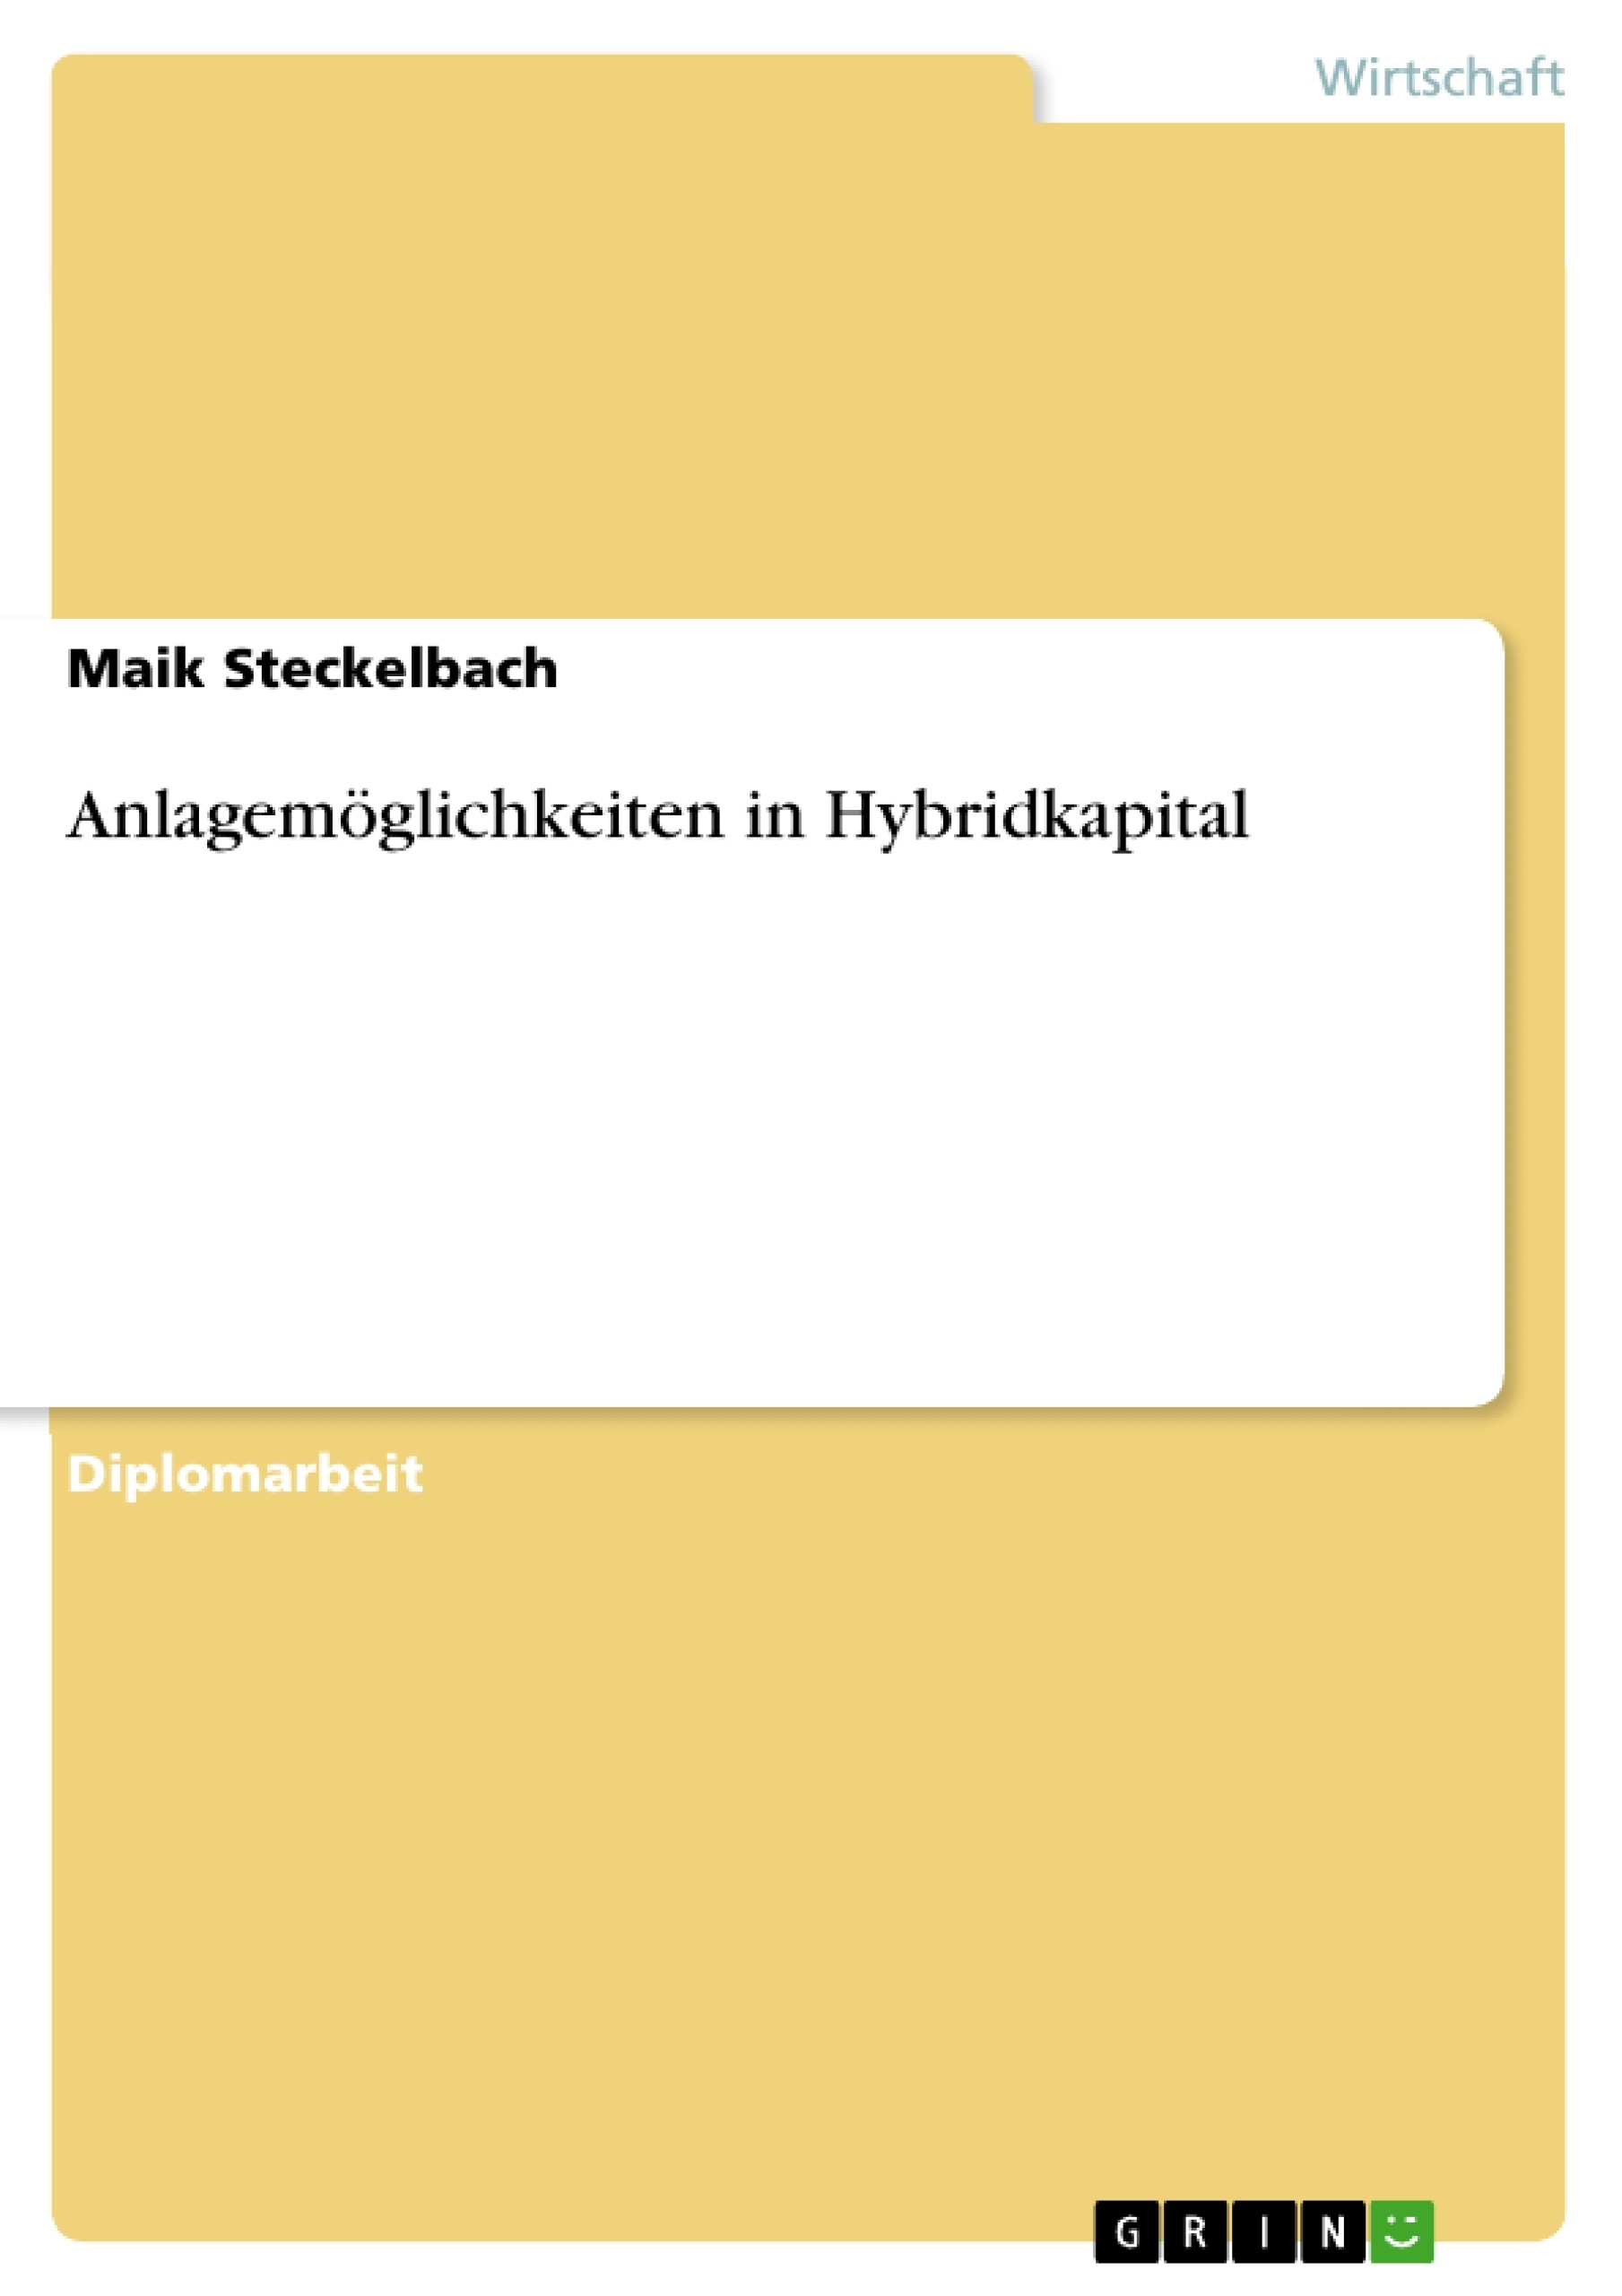 Titel: Anlagemöglichkeiten in Hybridkapital